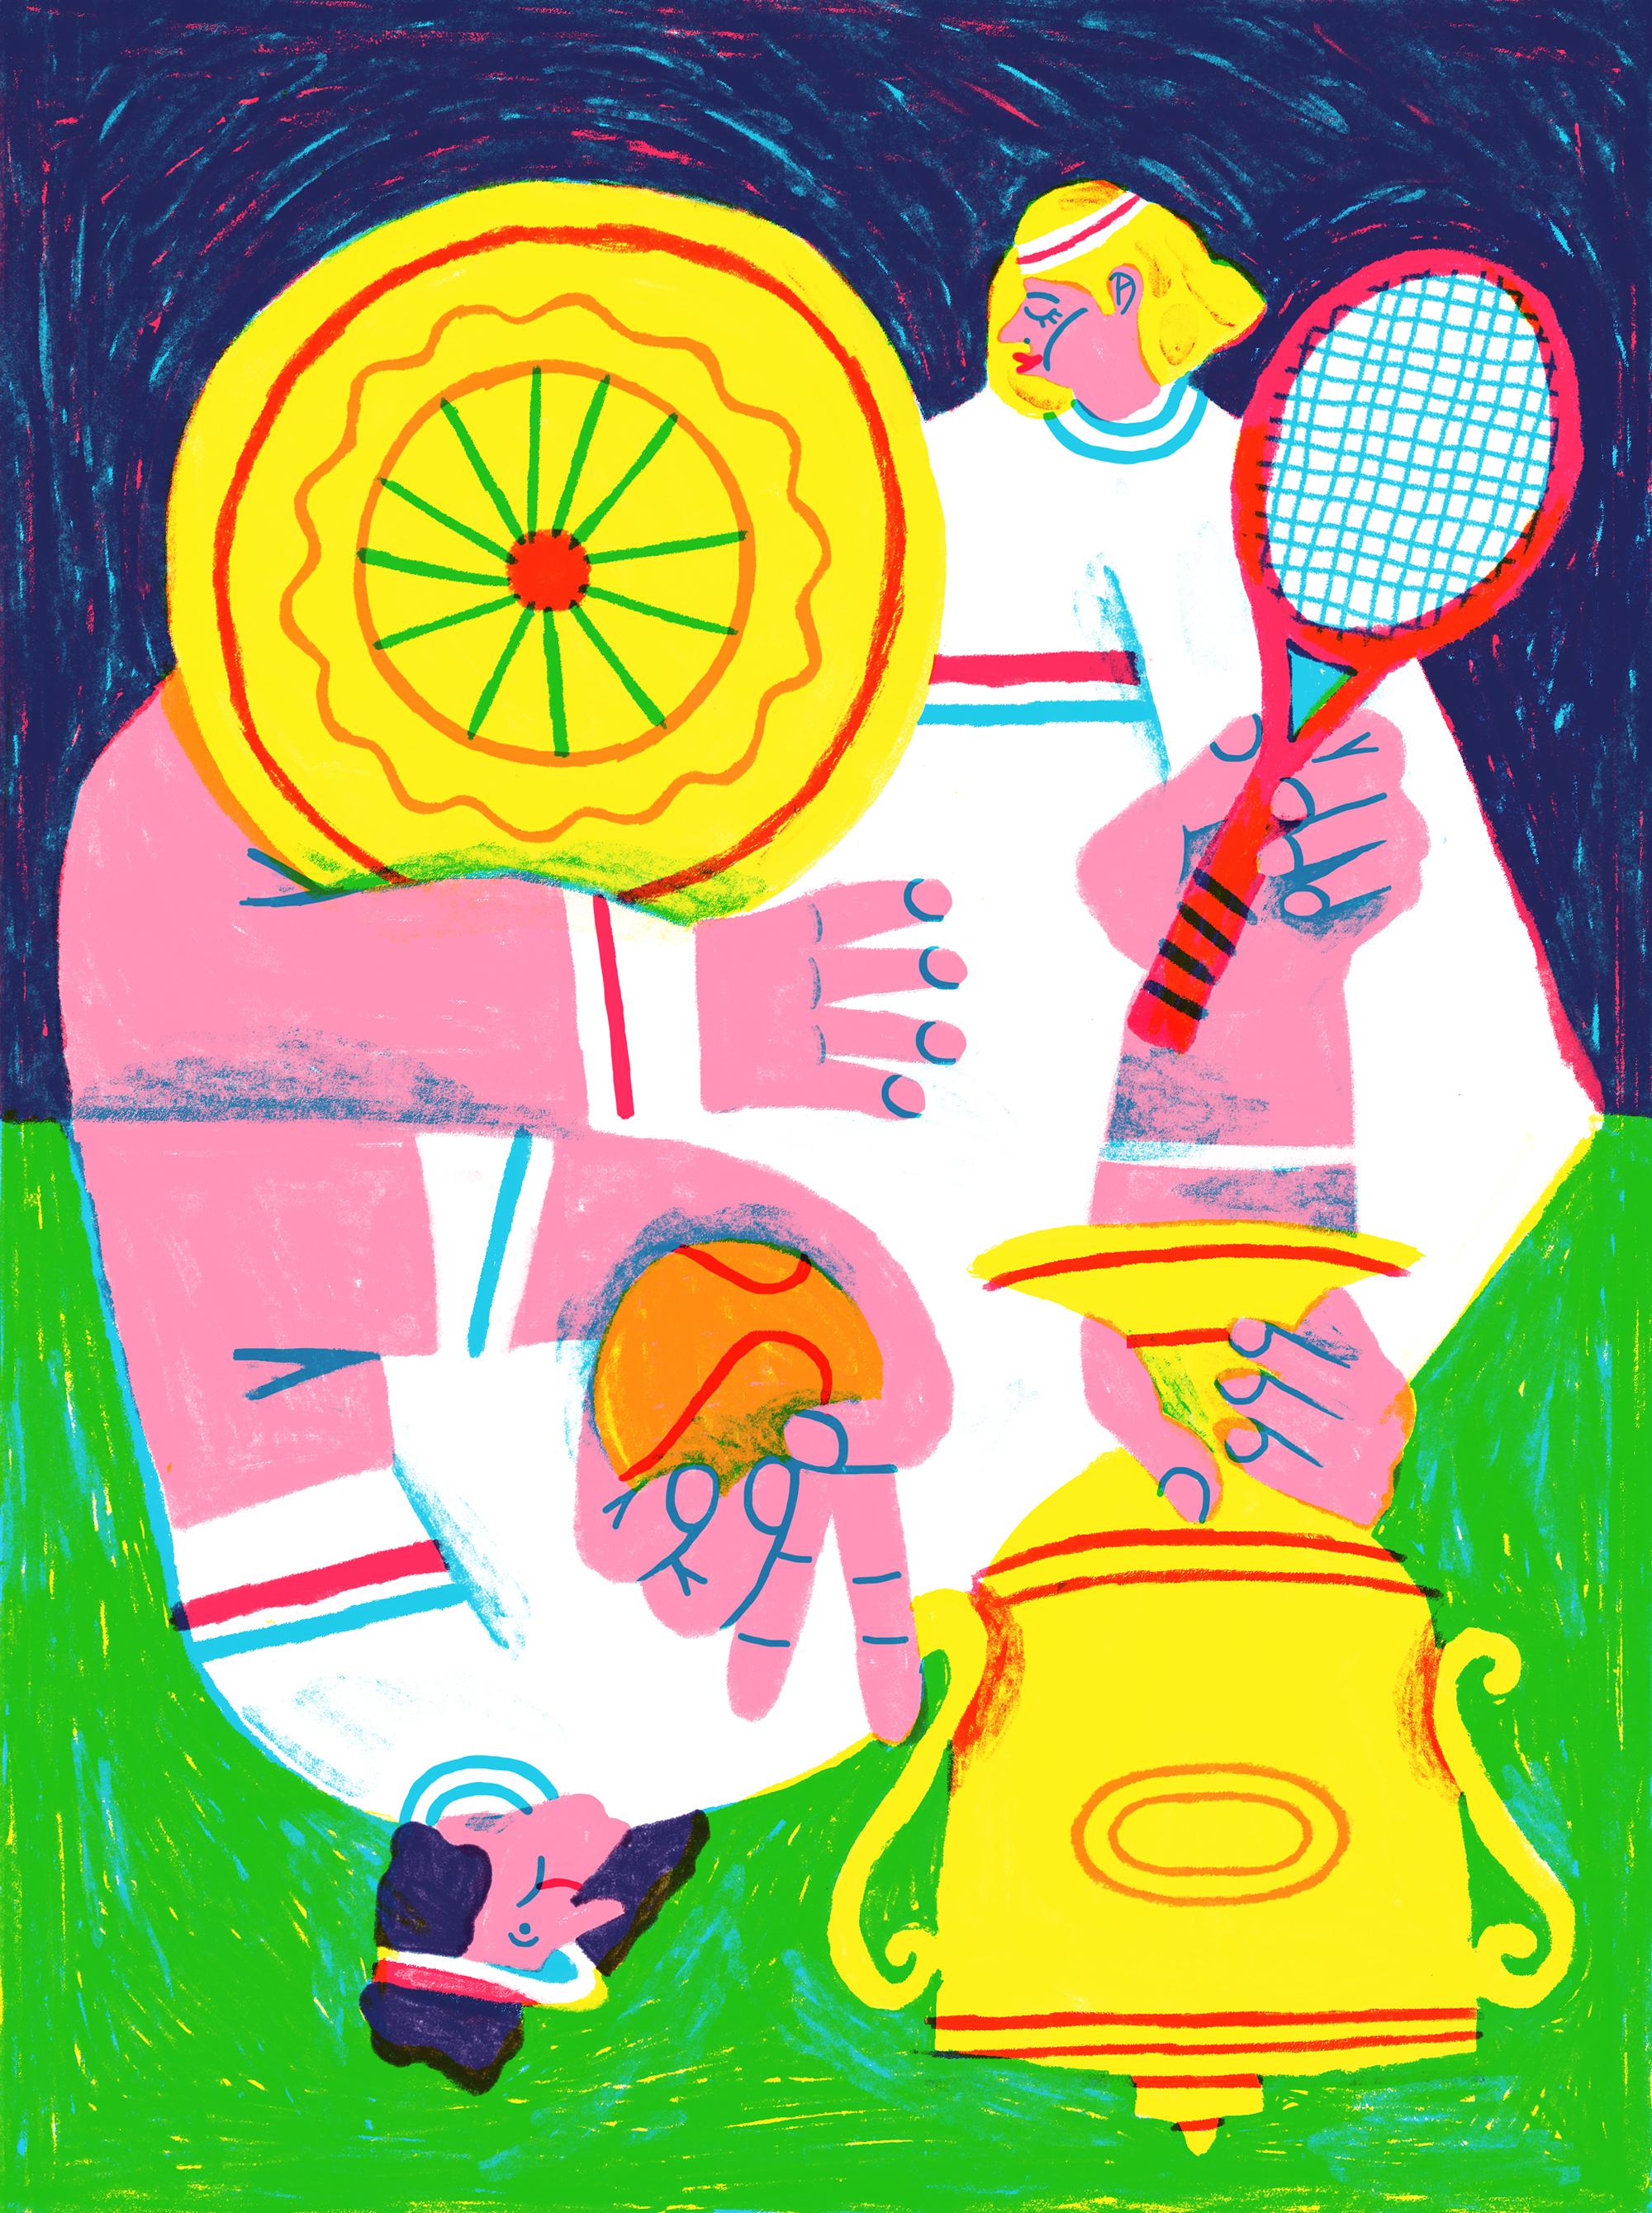 Alice Piaggio - Wimbledon, Rivista Undici